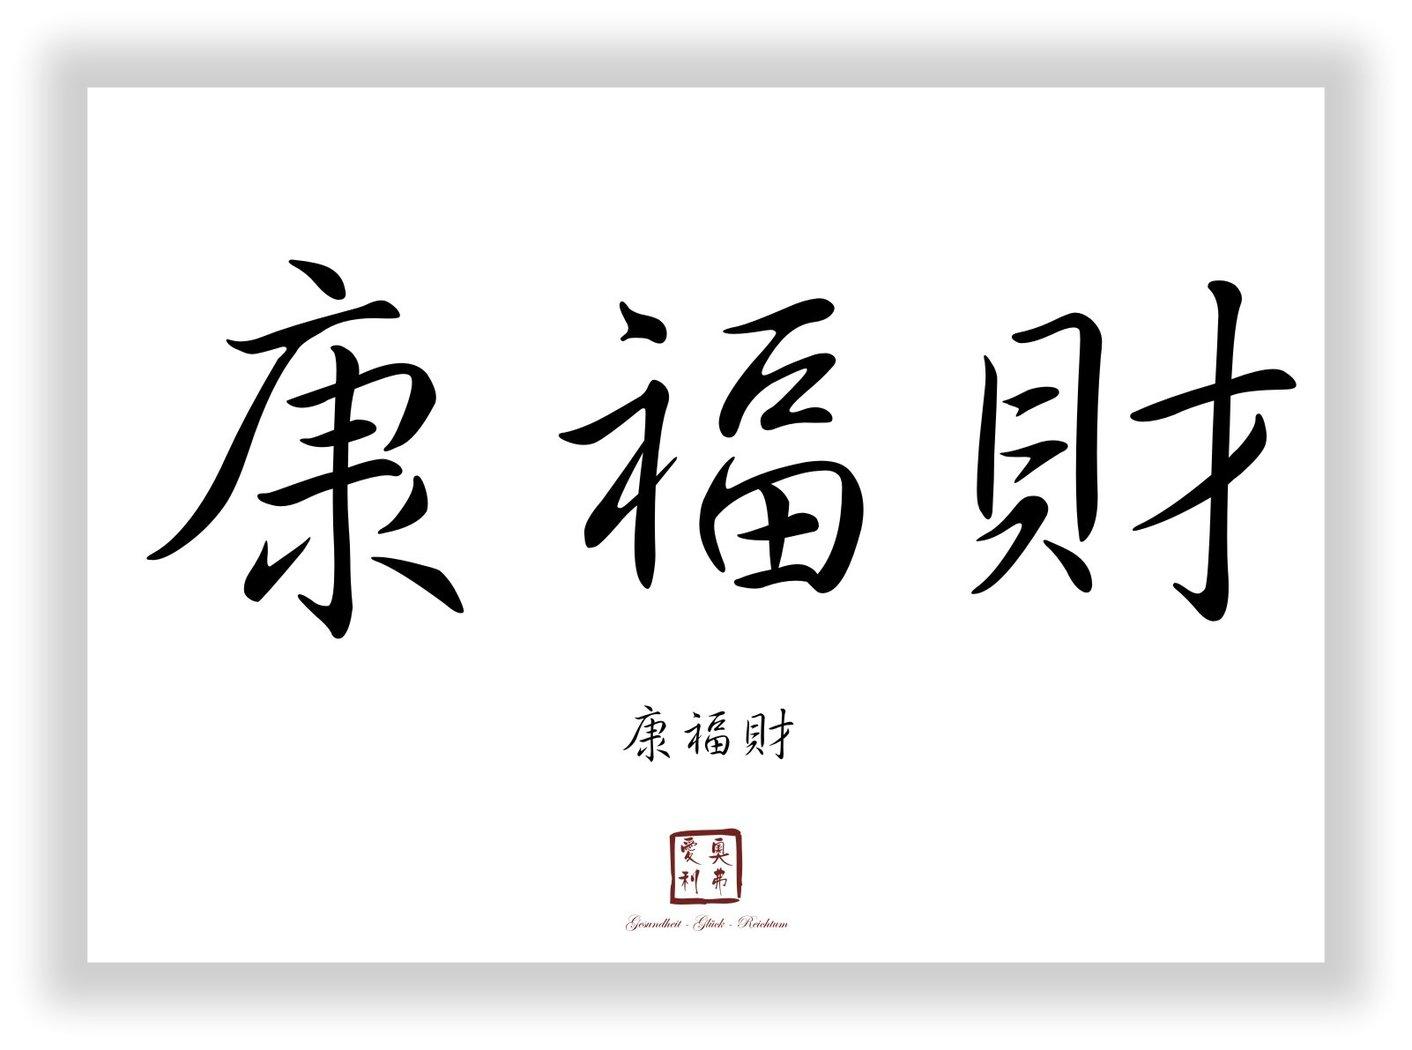 gesundheit gl ck reichtum chinesische japanische schriftzeichen. Black Bedroom Furniture Sets. Home Design Ideas